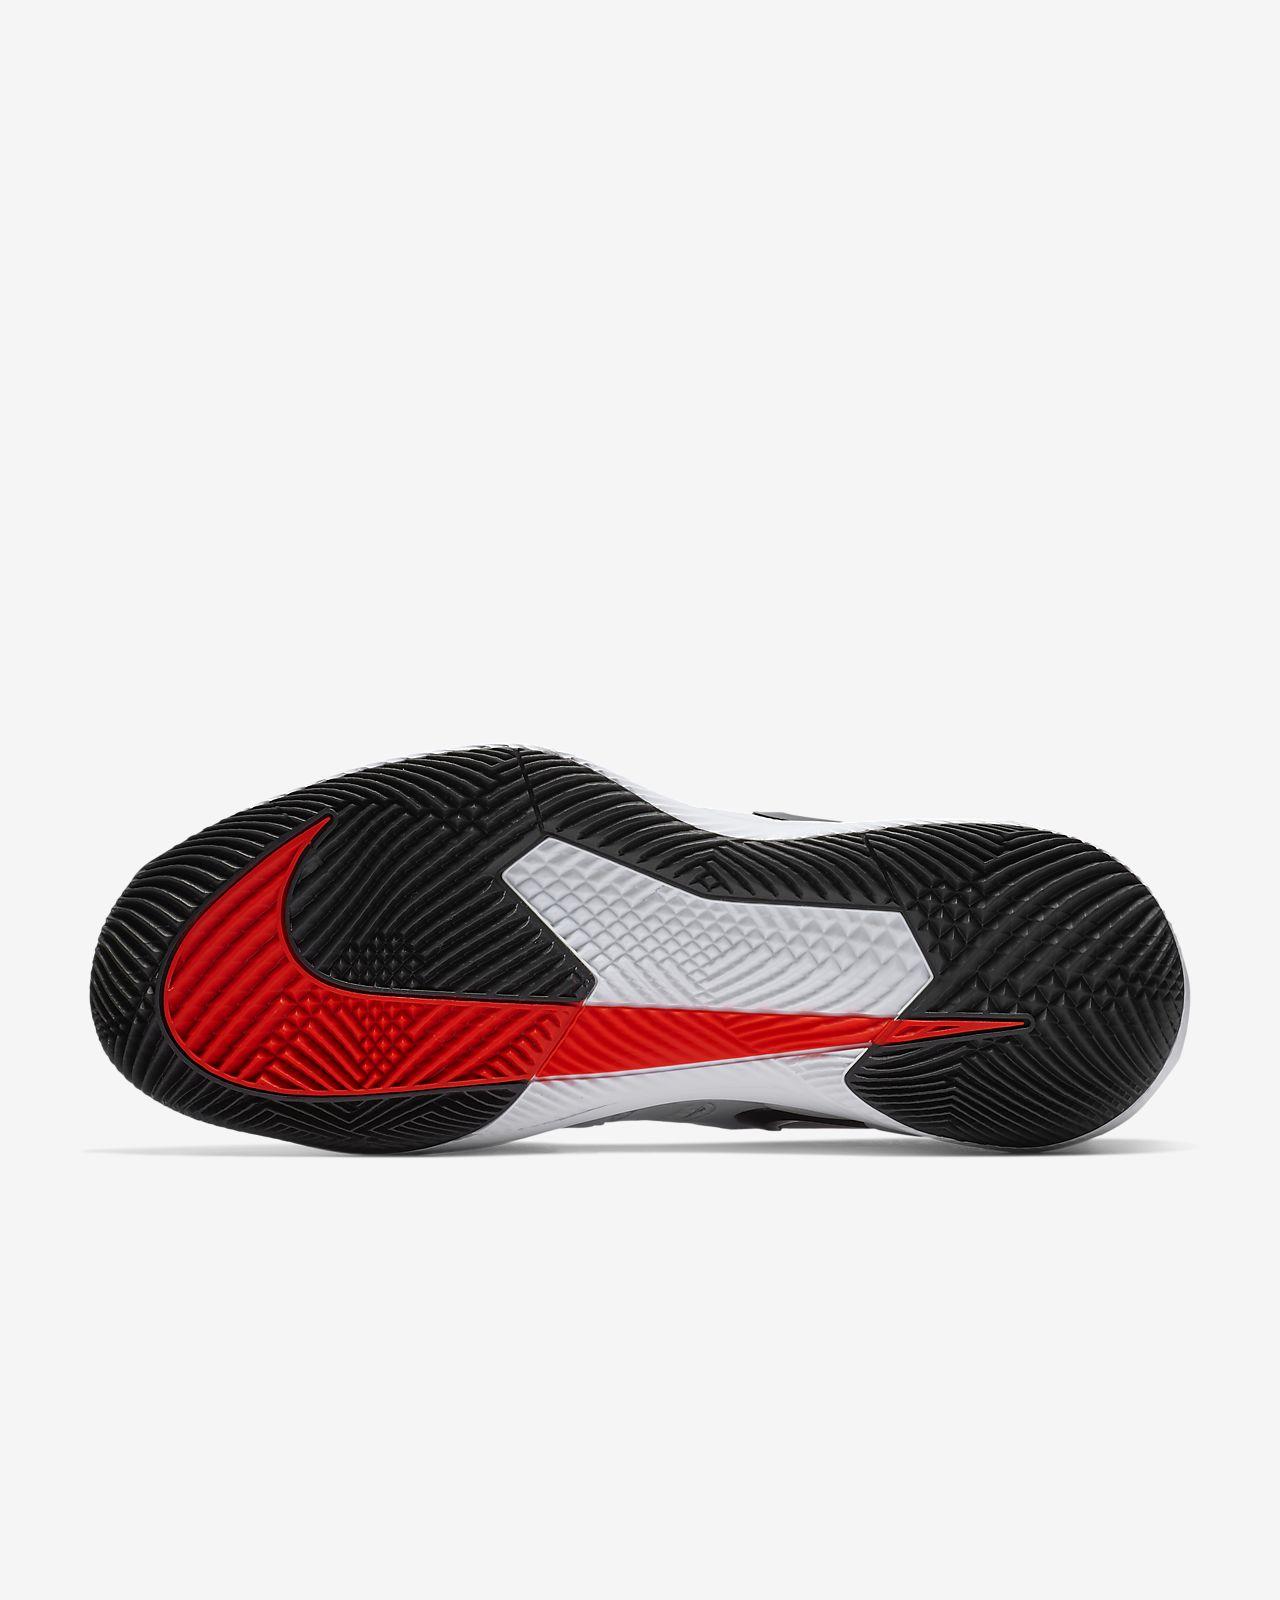 newest 37e22 ceee4 ... Chaussure de tennis pour surface dure NikeCourt Air Zoom Vapor X pour  Homme